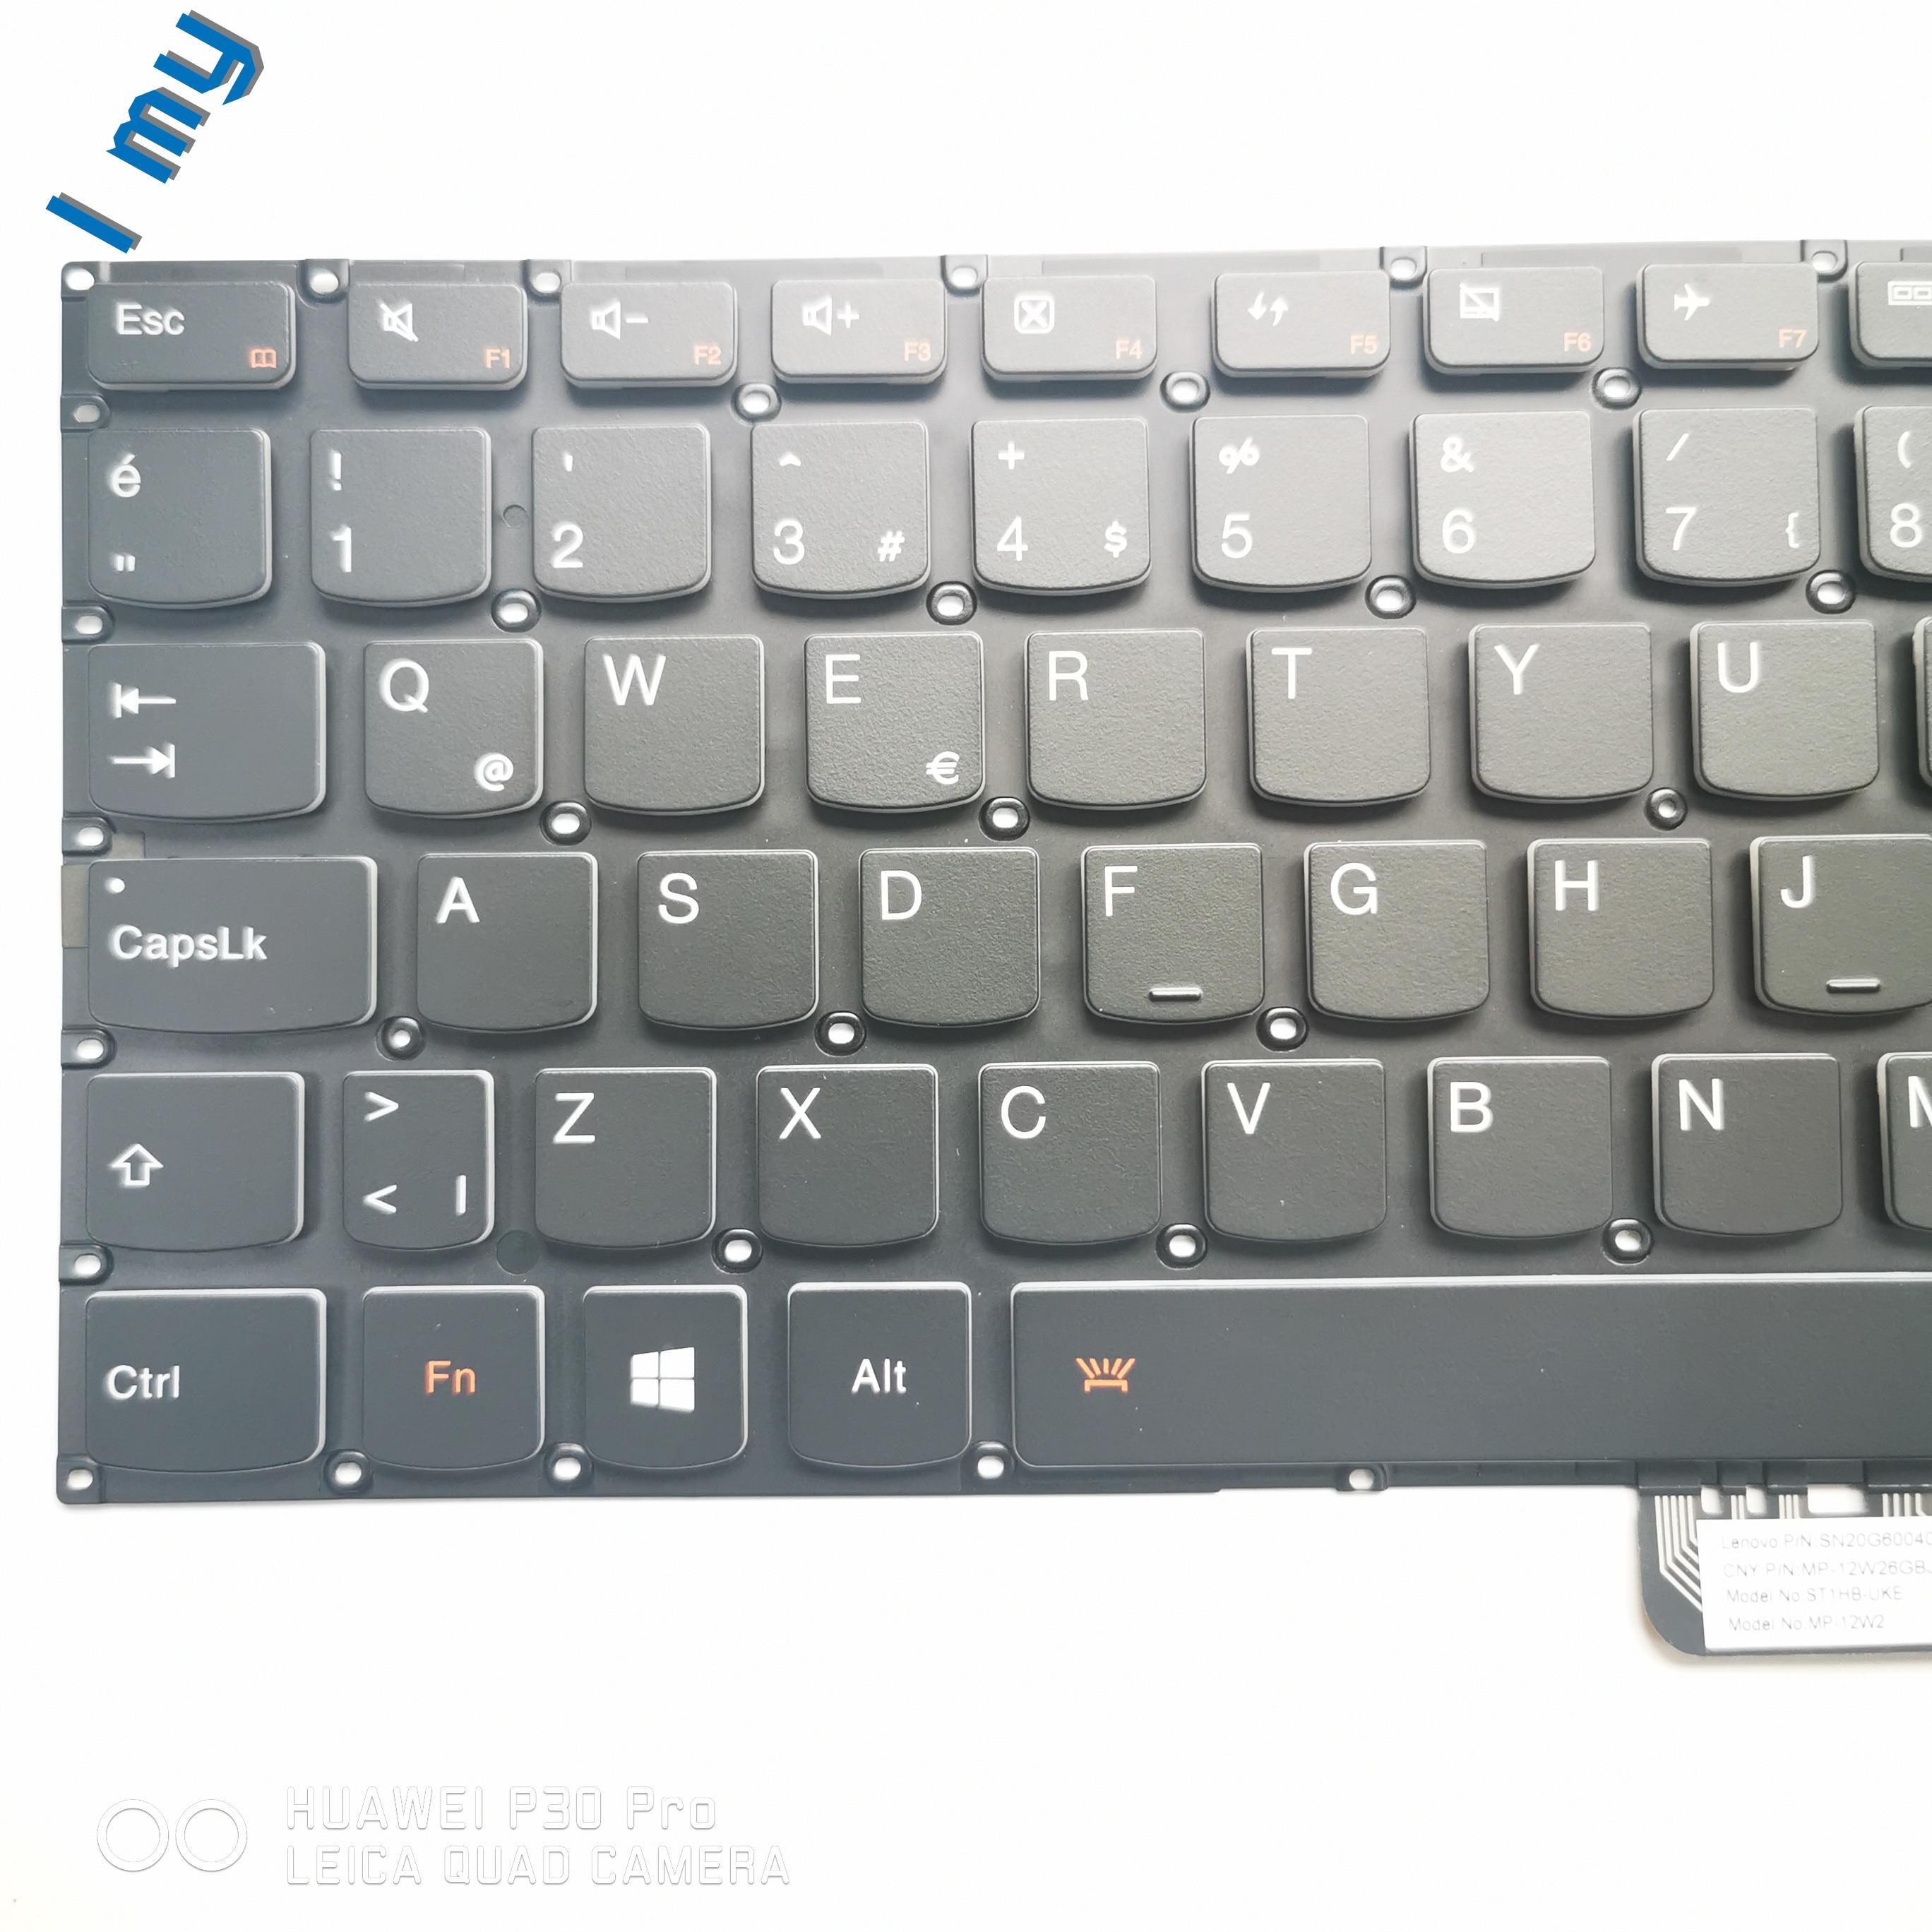 العلامة التجارية الجديدة الأصلي كمبيوتر محمول الخلفية لوحة المفاتيح لينوفو اليوغا 2 13 تركيا الطور Yoga3-13 keybaord الكمبيوتر المحمول مع الخلفية ال...